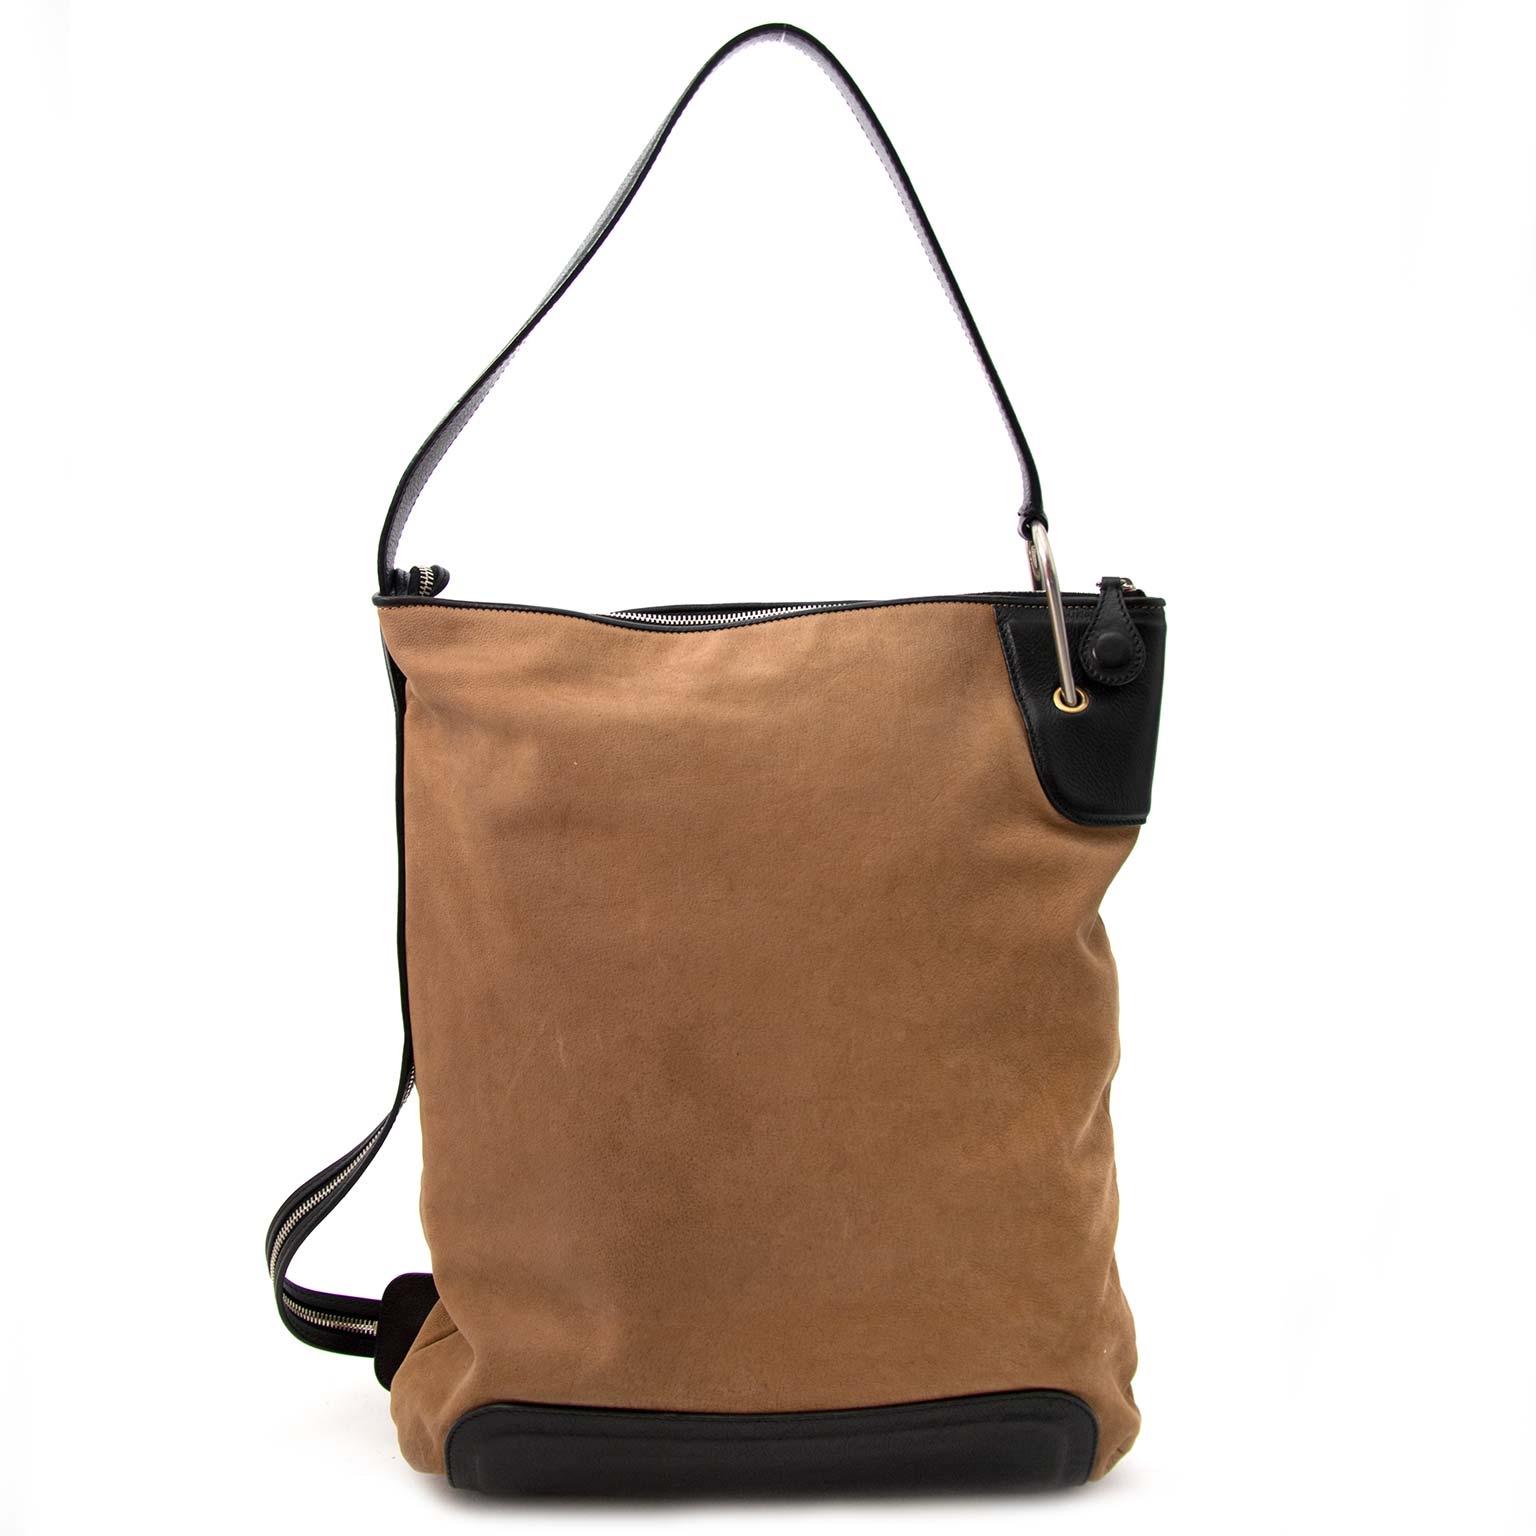 acheter en ligne pour le meilleur prix Celine Brown Cabas Black Bottom Shoulder Bag